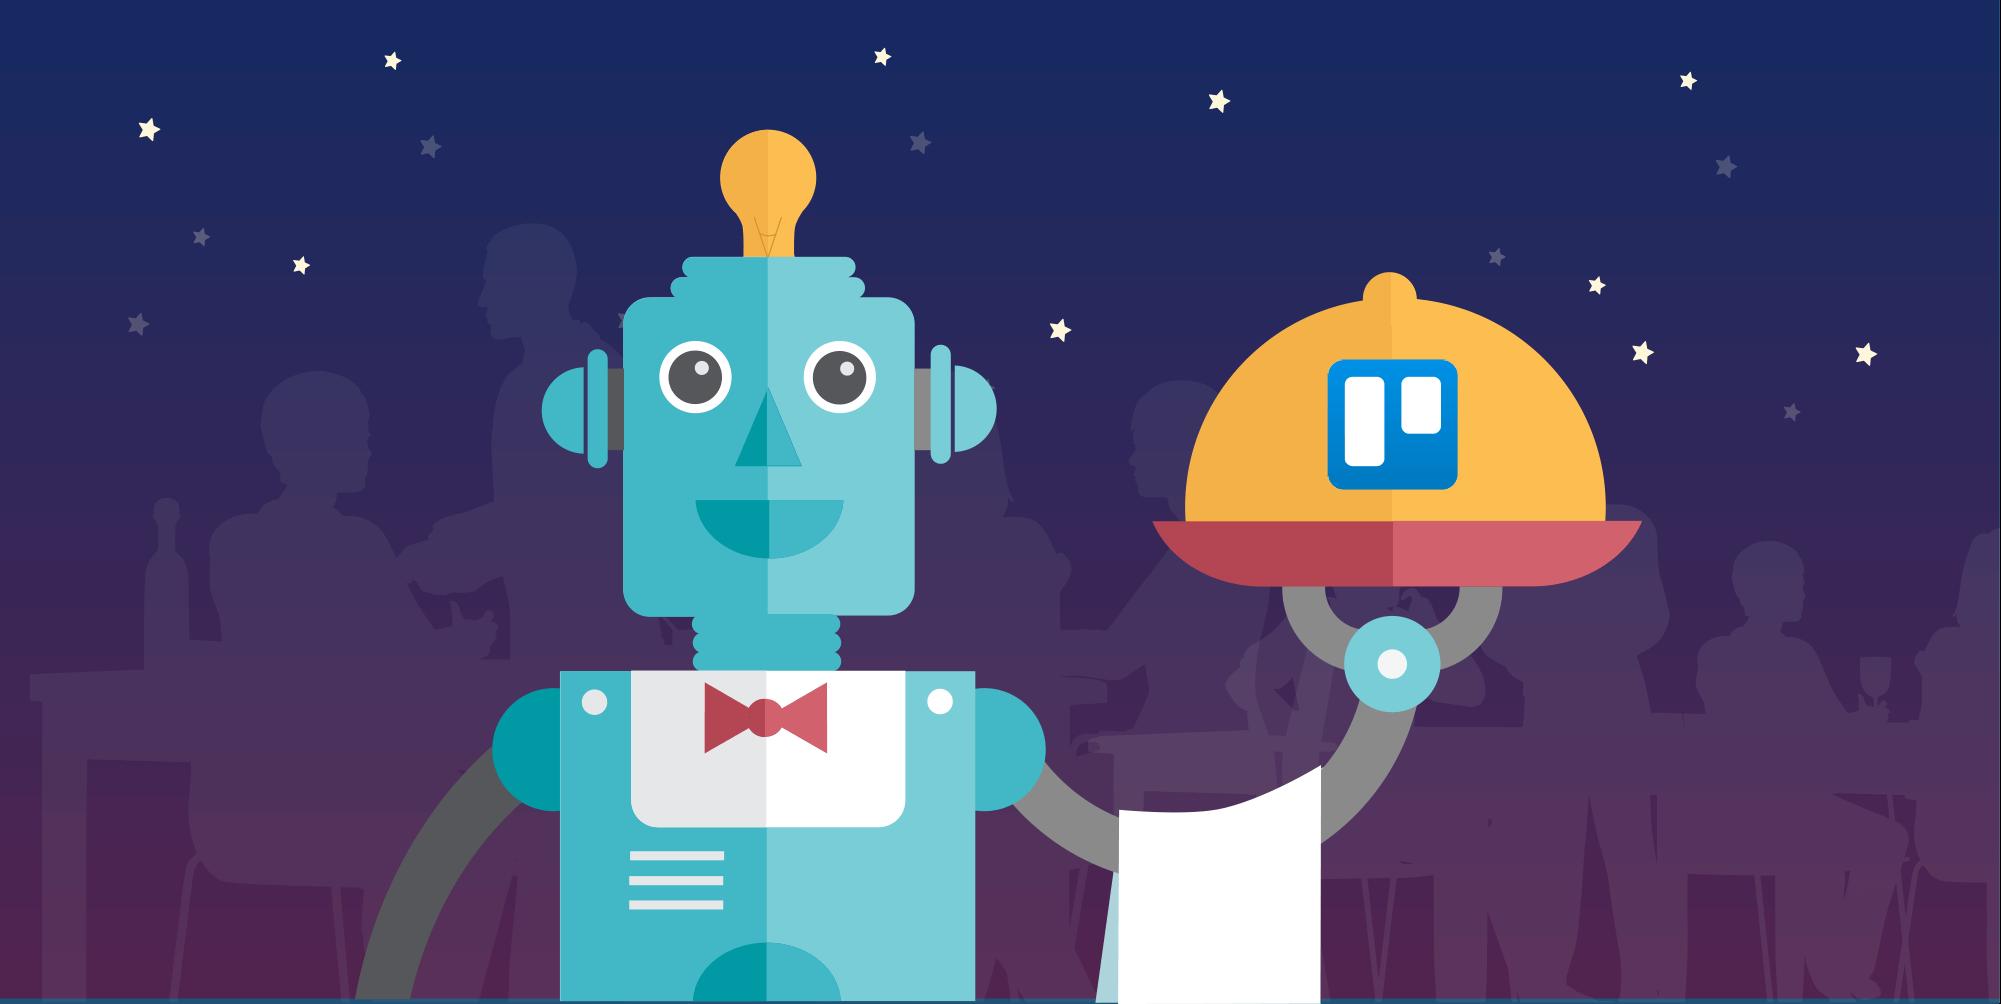 automatizar tarefas no trello